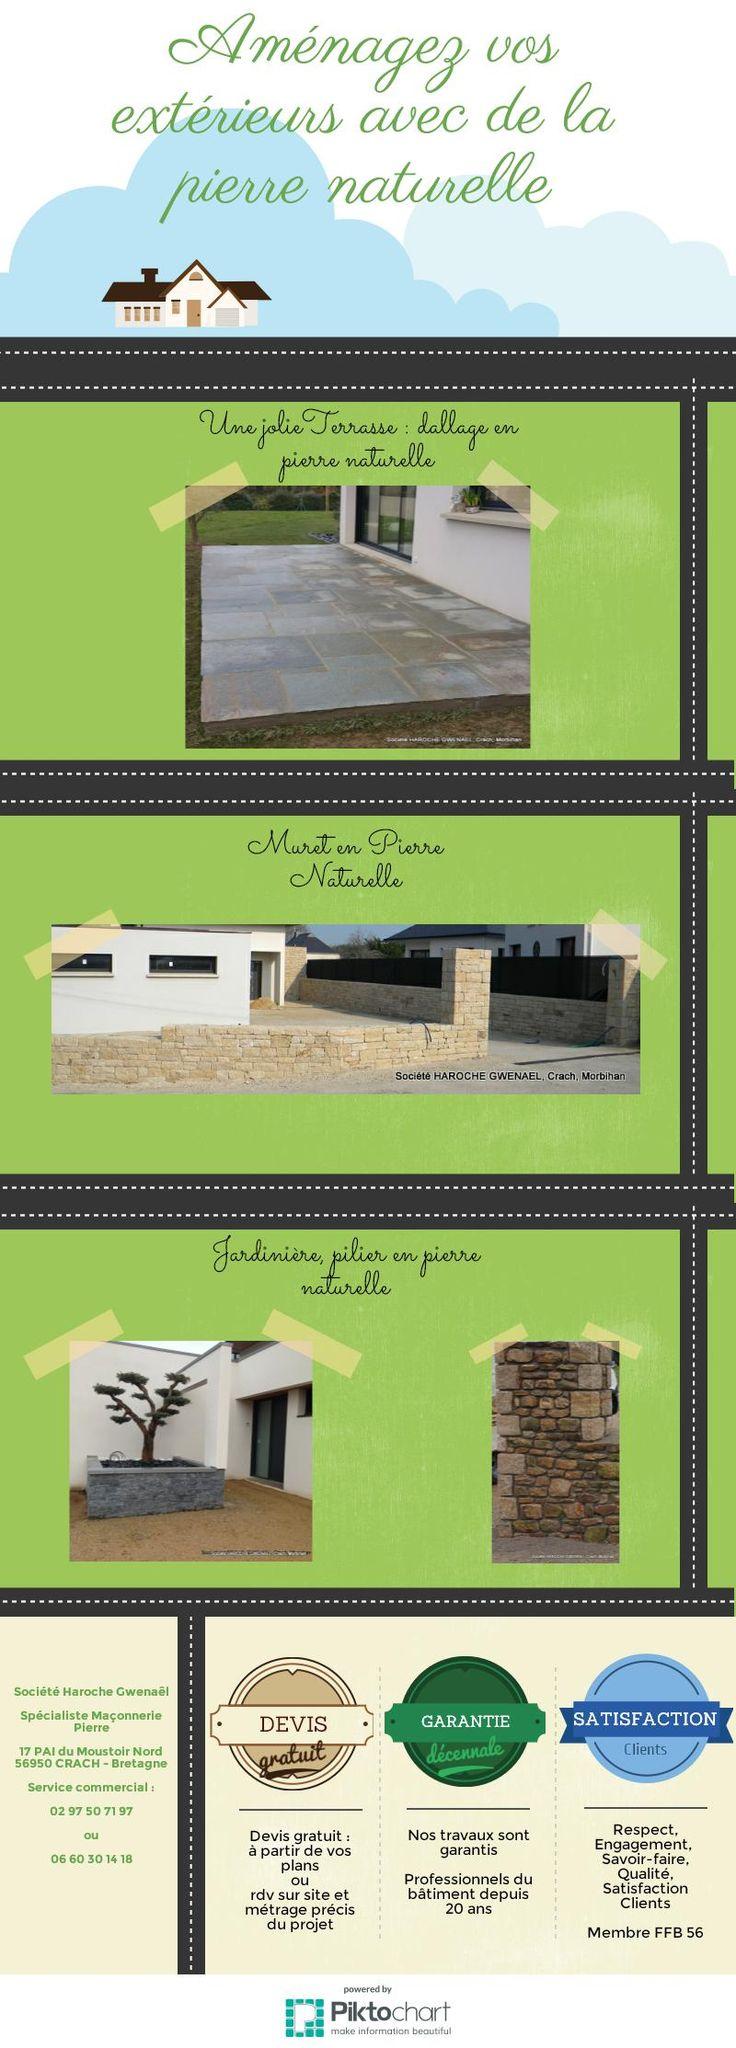 Savoir-faire et qualité. La taille et la pose de la pierre un métier de spécialiste. Notre société est spécialisée dans la maçonnerie pierre dans le Morbihan, en Bretagne. Société Haroche Gwenael https://plus.google.com/u/0/b/102625806917092808712/+Societe-Haroche-Gwenael-Crach/photos